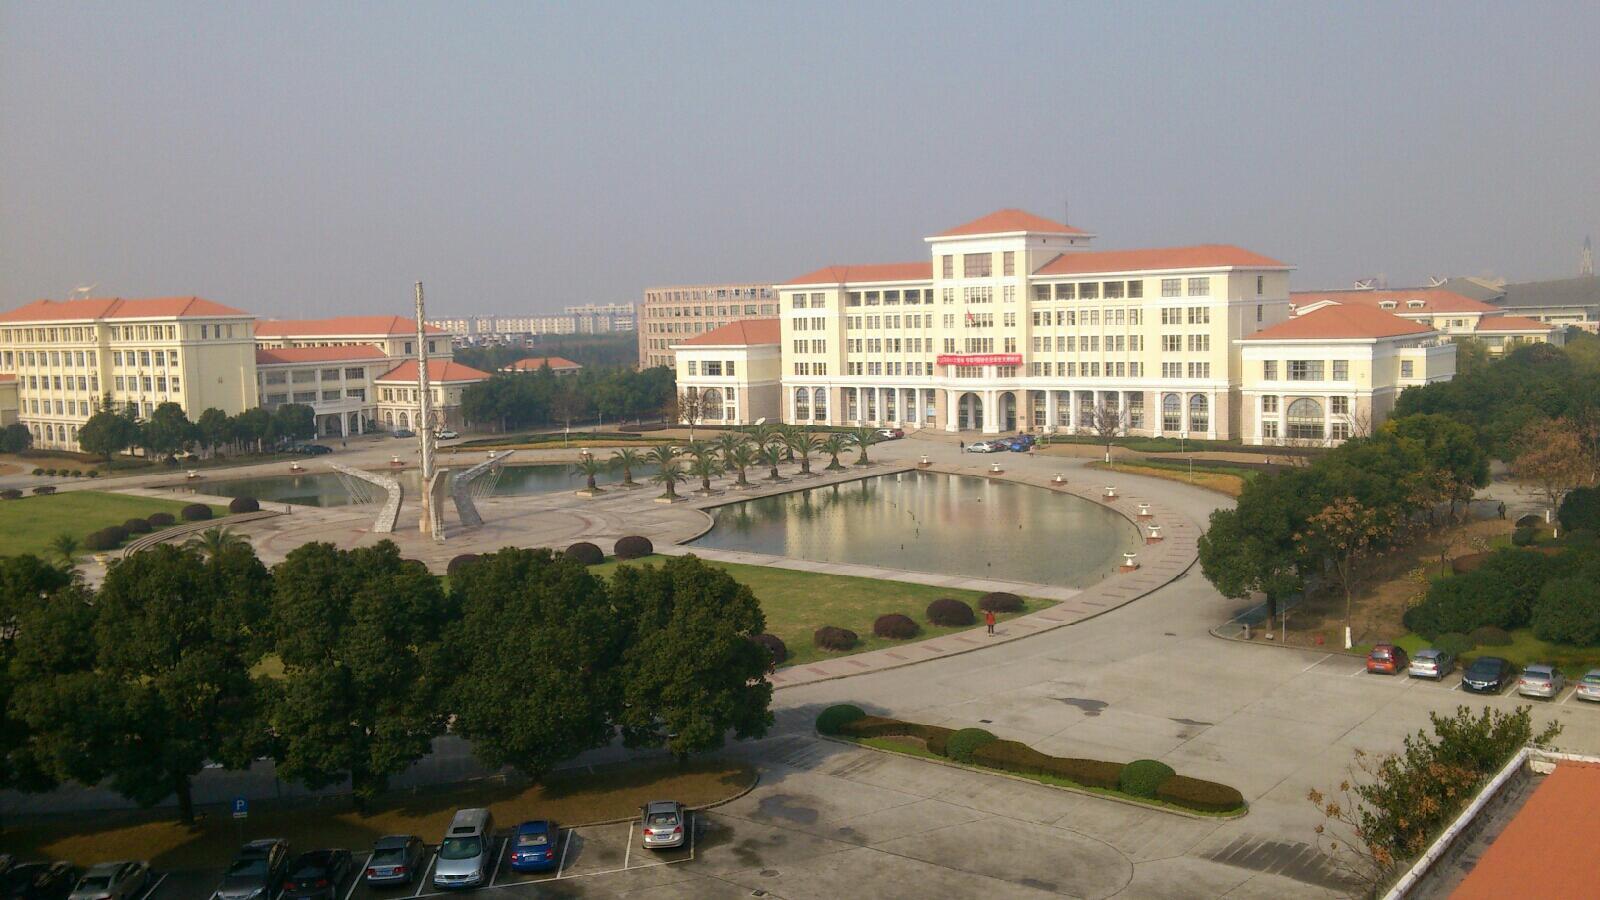 上海一所被低估的大学,虽是学院,却有1个硕士专业学位授权点